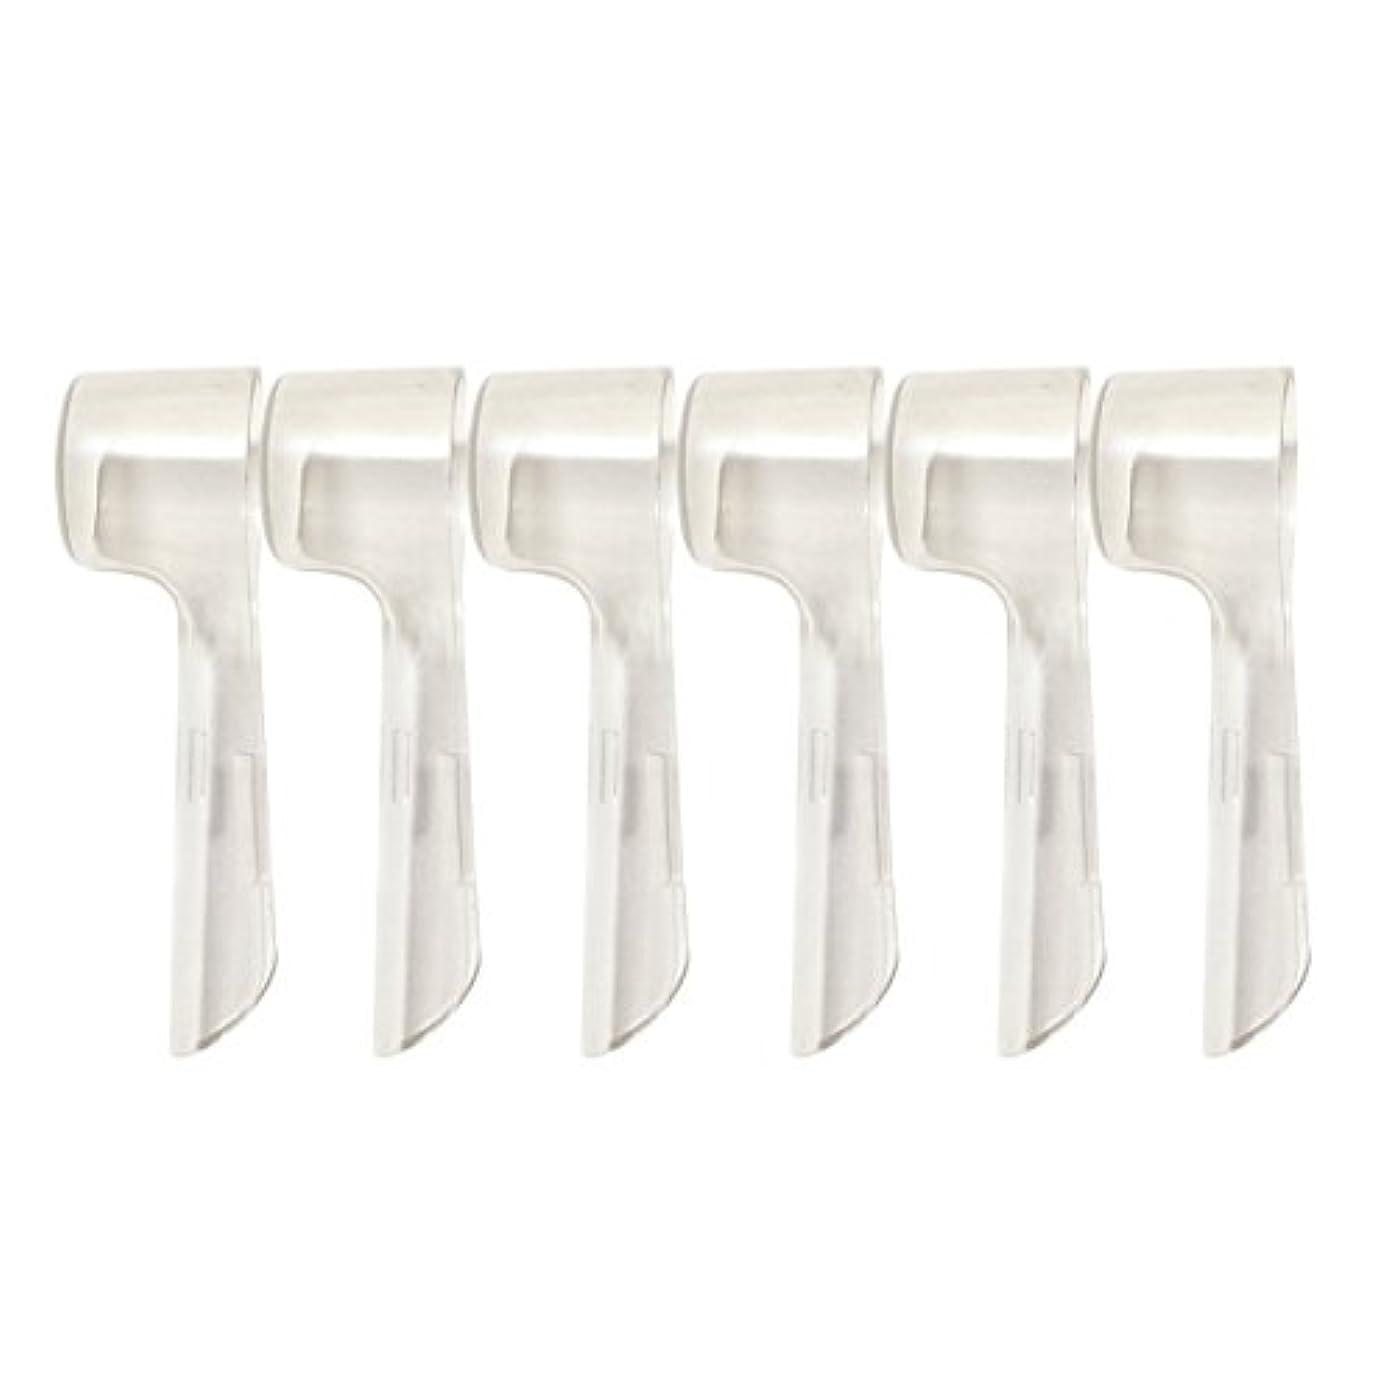 バクテリア集中わなSUPVOX 旅行のために便利な電動歯ブラシのための6本の歯ブラシヘッド保護カバーとより衛生的にするために細菌をほこりから守るためのより衛生的な